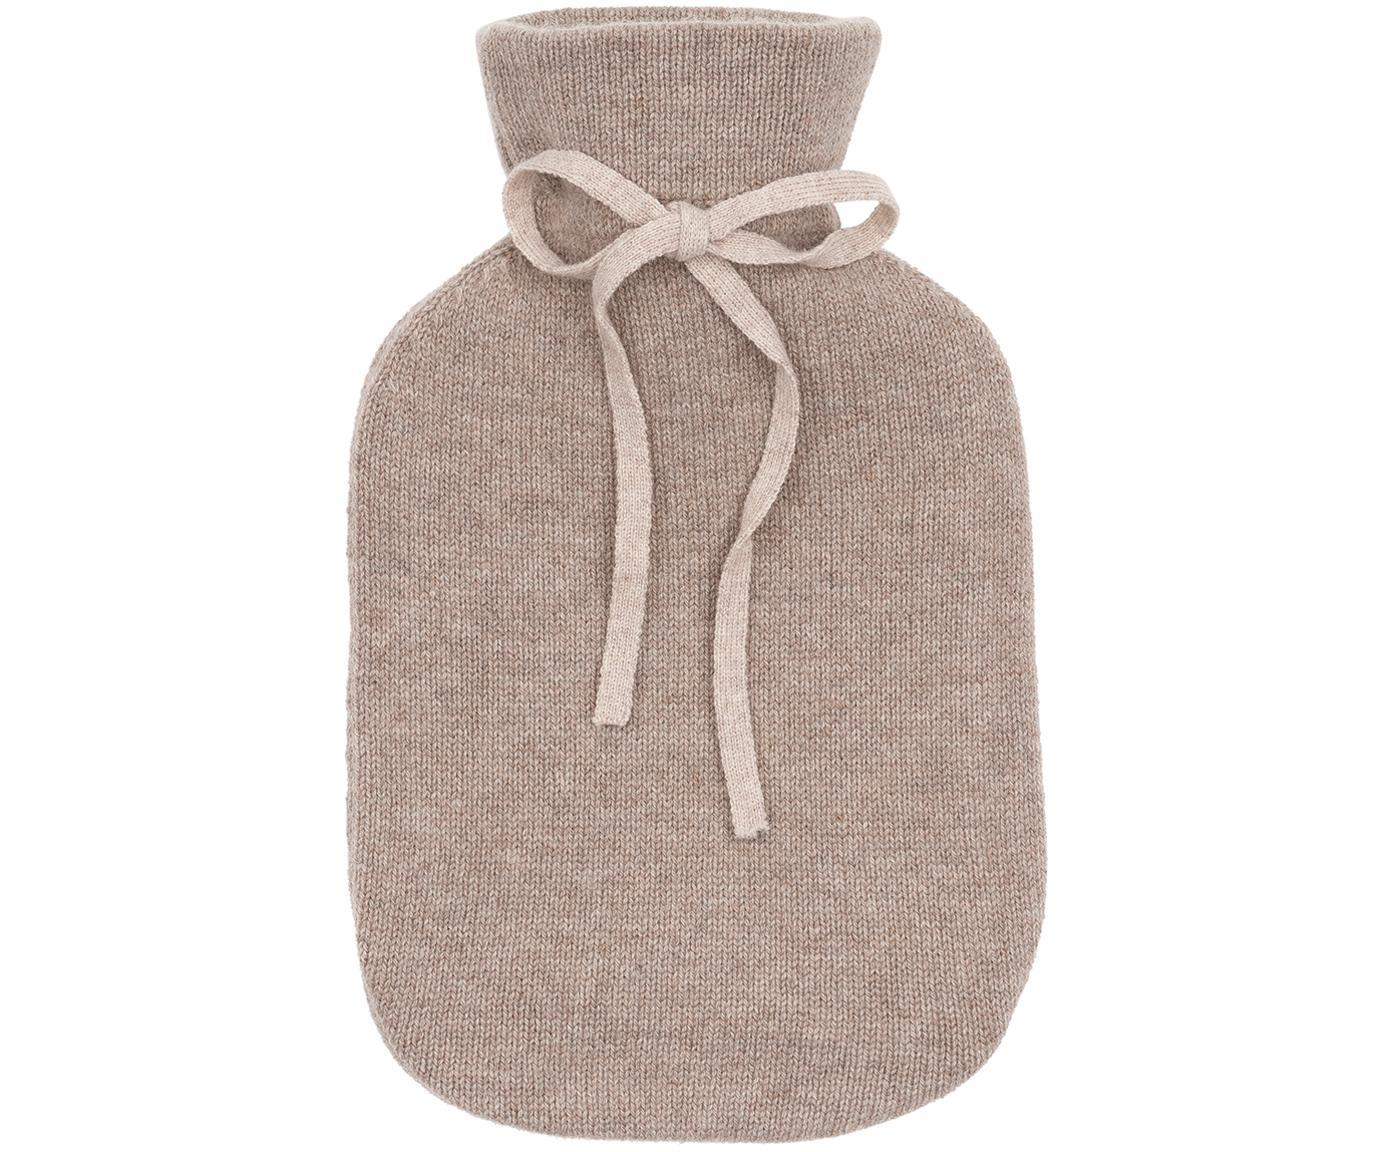 Bolsa de agua caliente de cachemira Florentina, Funda: 70%cachemira, 30%lana m, Bolsa: 100%goma, Gris pardo, beige, blanco crema, An 19 x L 30 cm